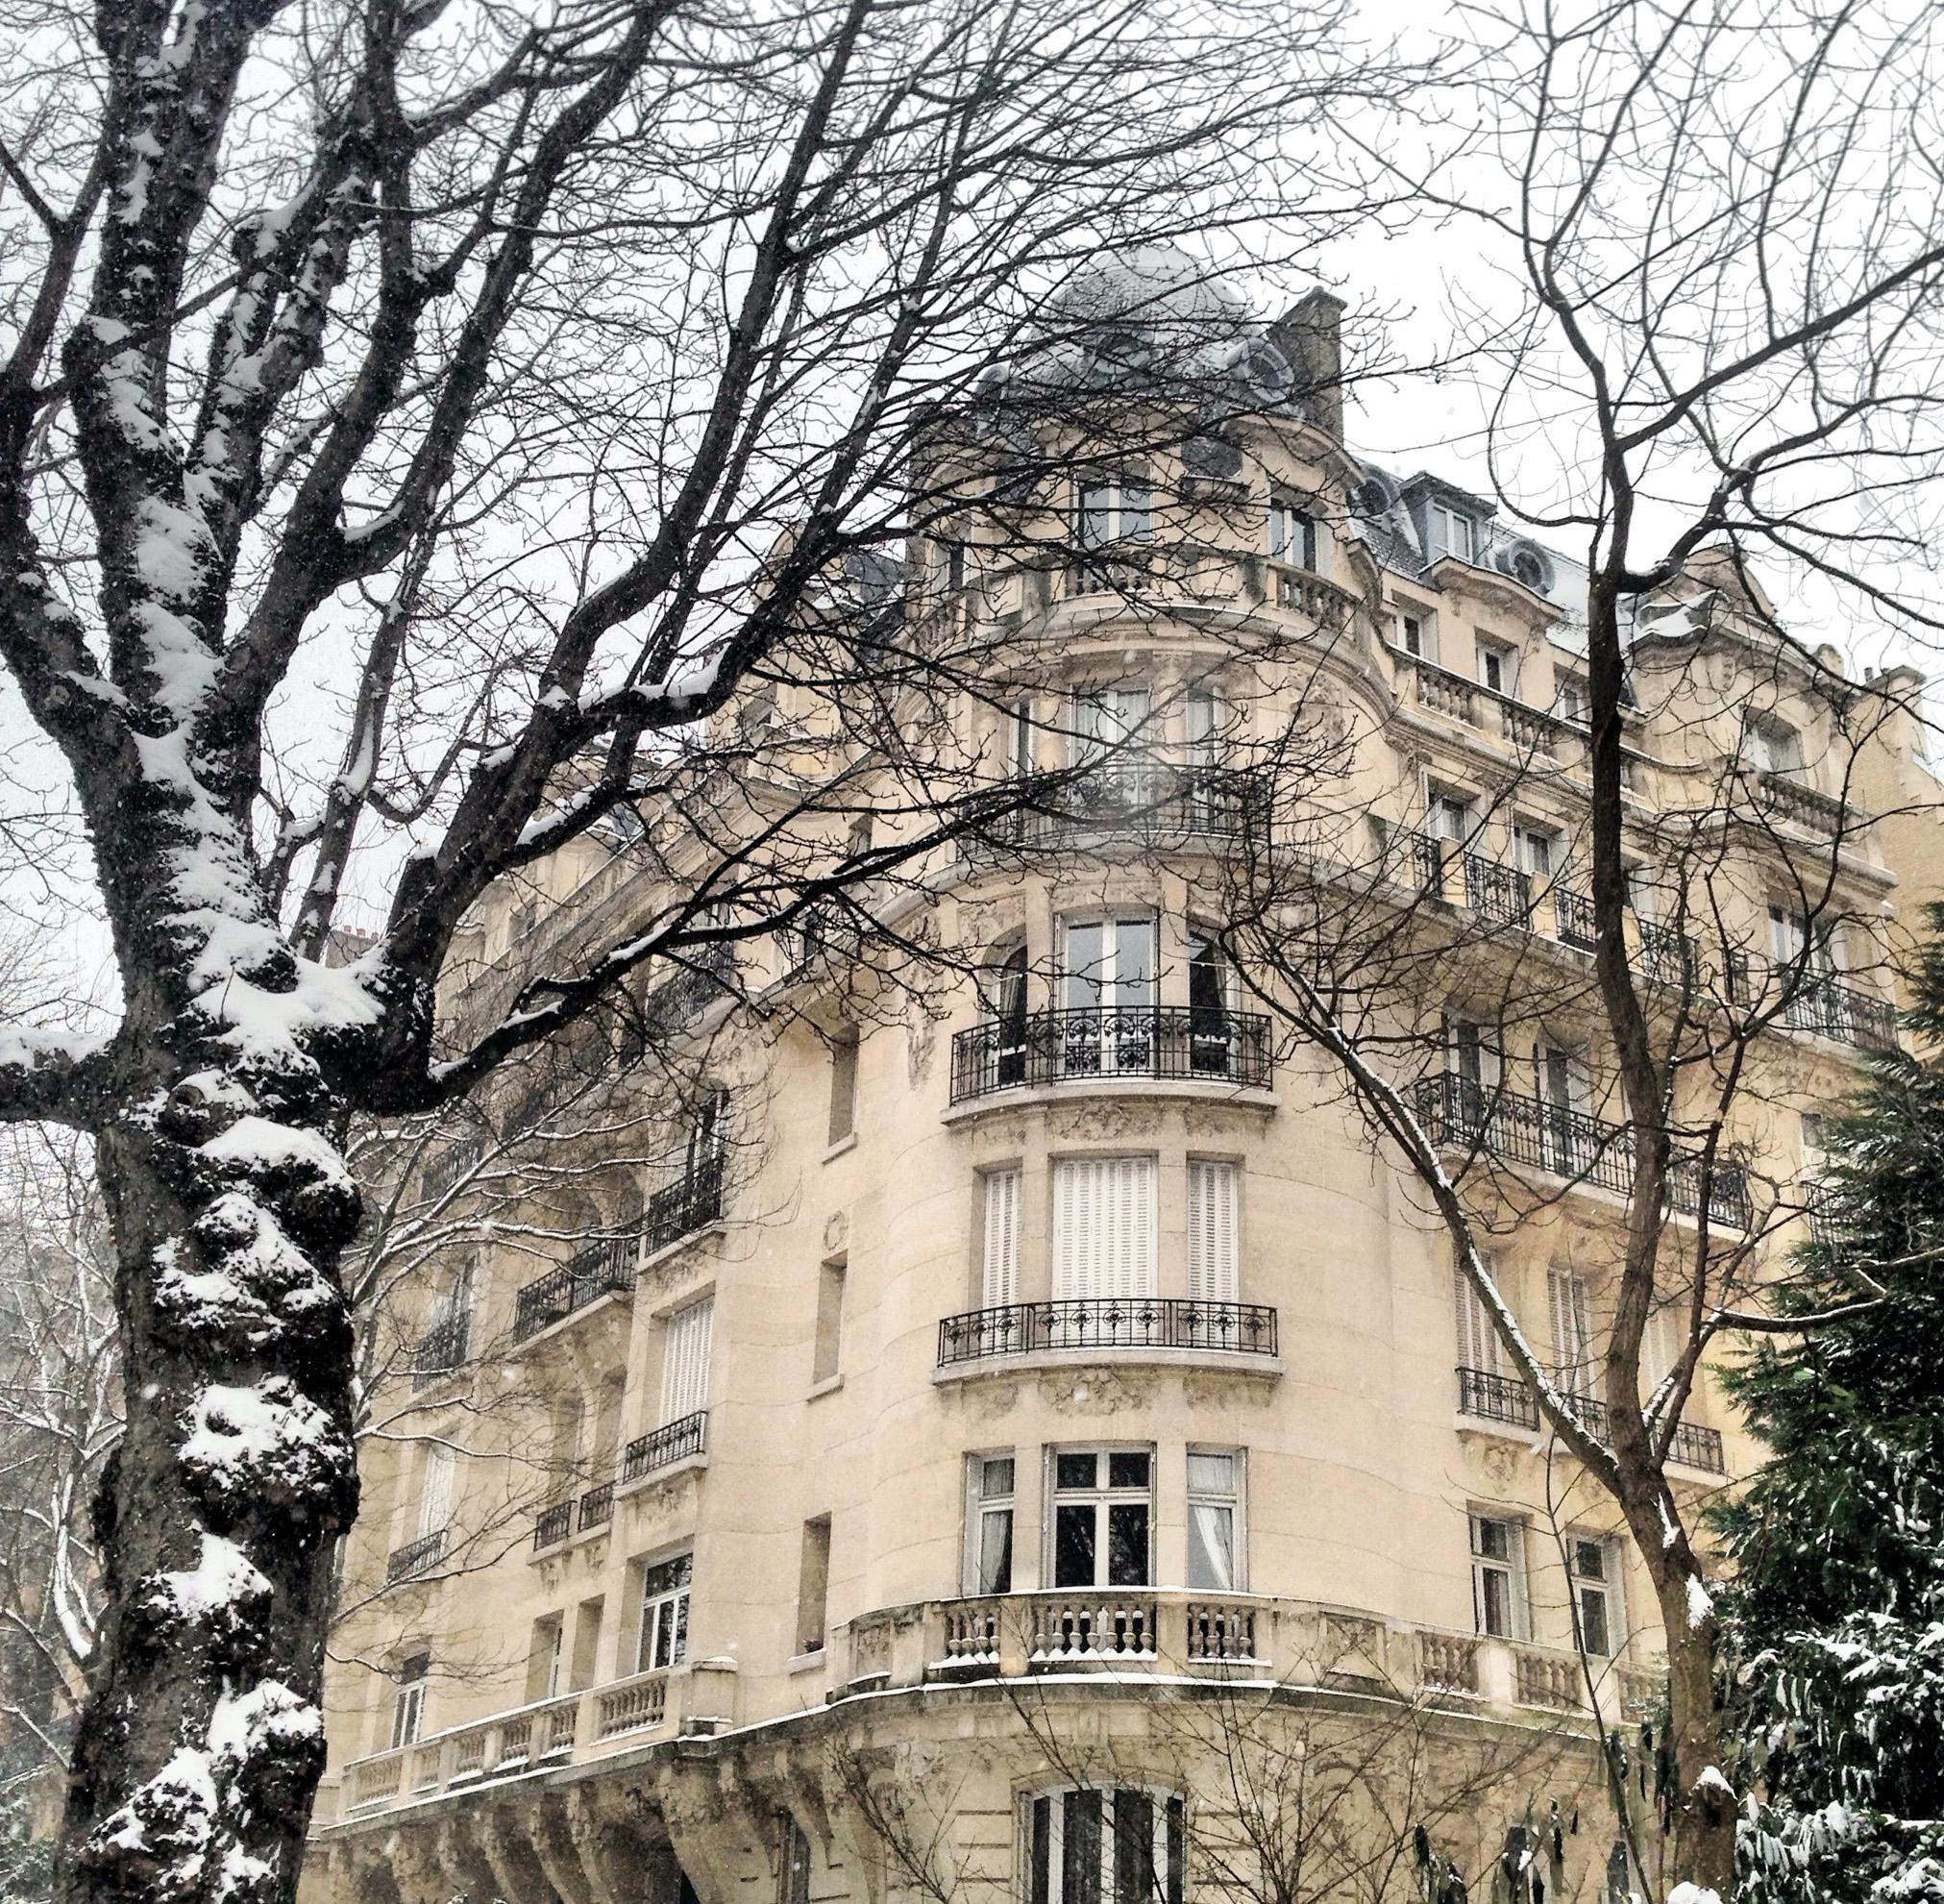 Paris Apartment in the Snow